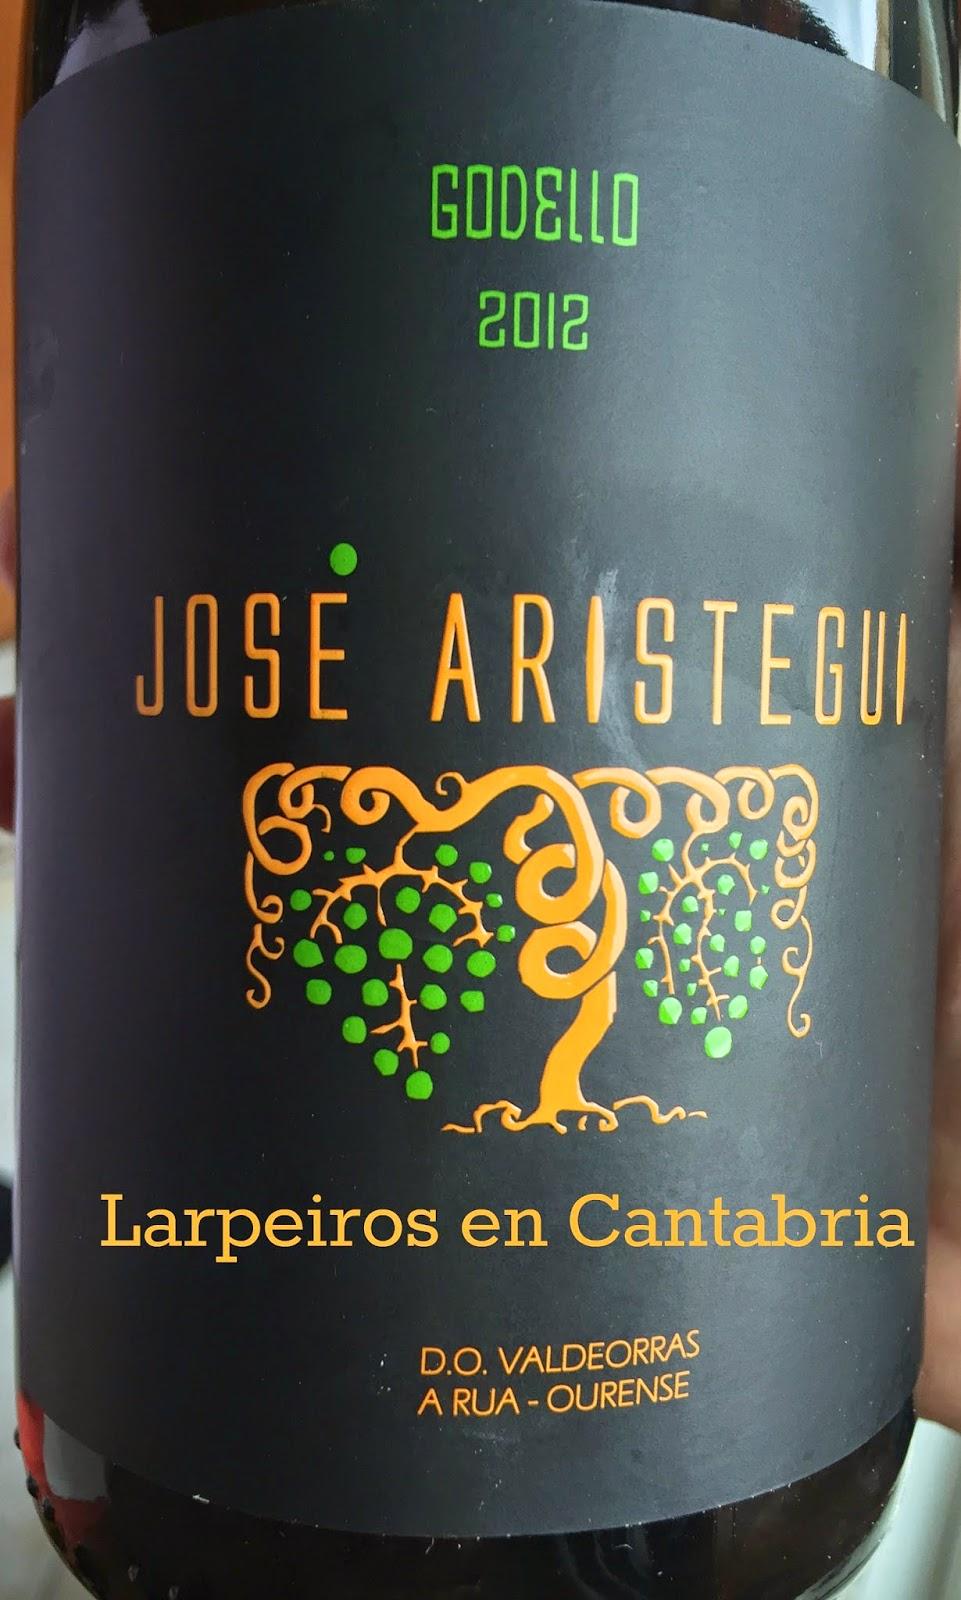 Blanco José Aristegui Godello 2012: Todo un Detalle